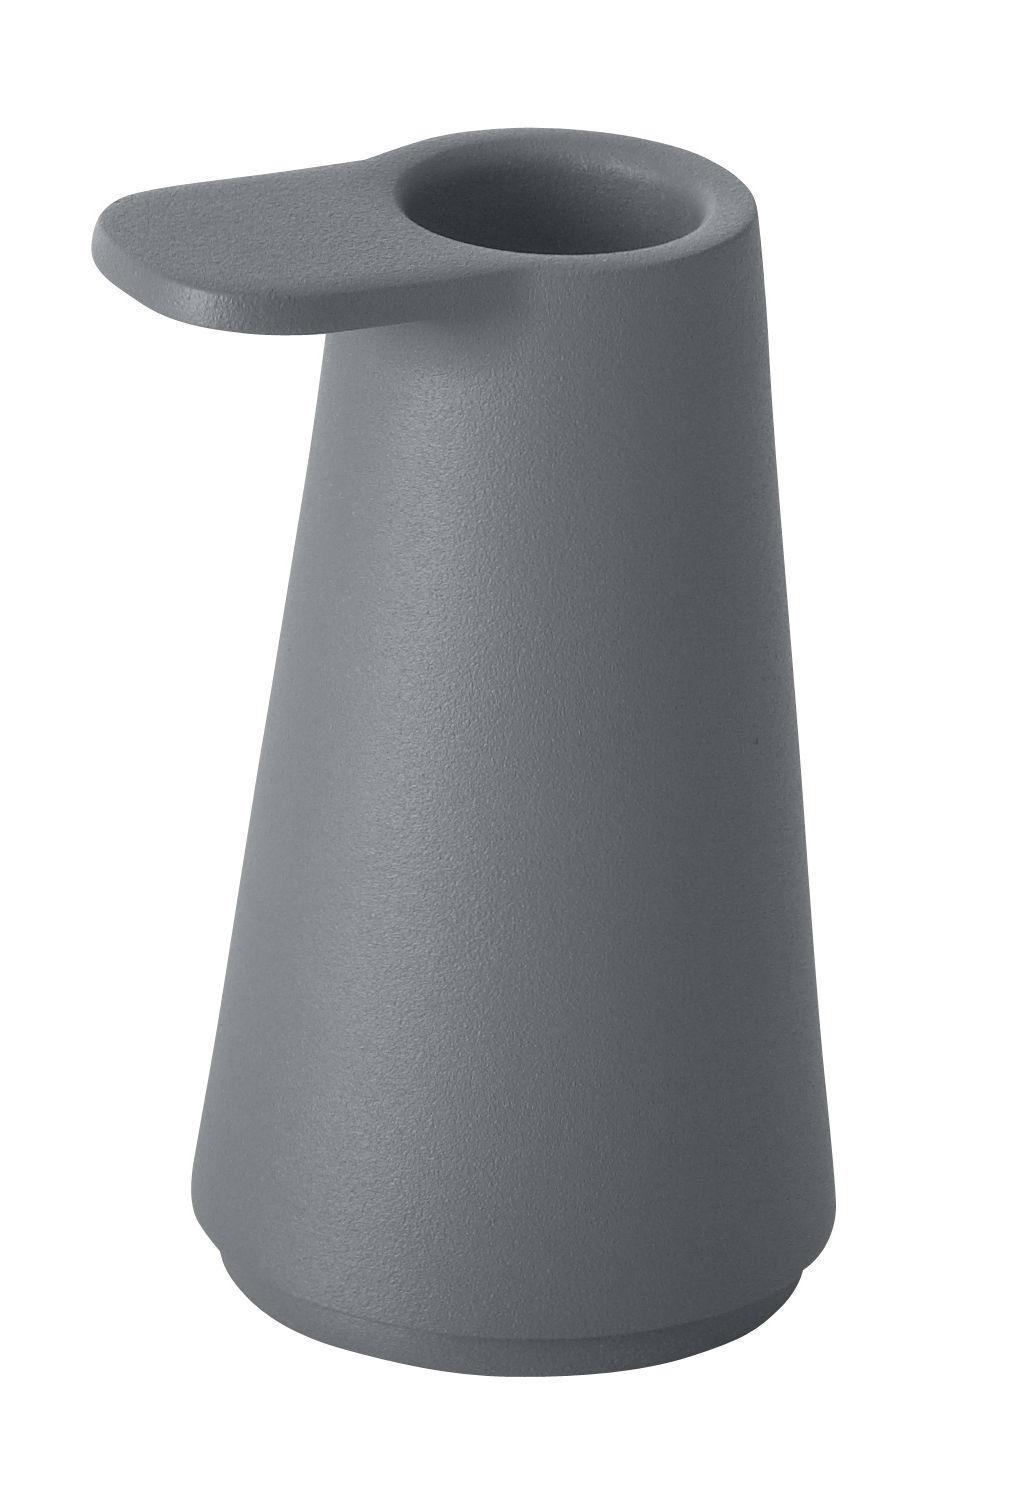 Interni - Candele, Portacandele, Lampade - Candelabro Grip - Muuto - Antracite - Alluminio laccato a polvere